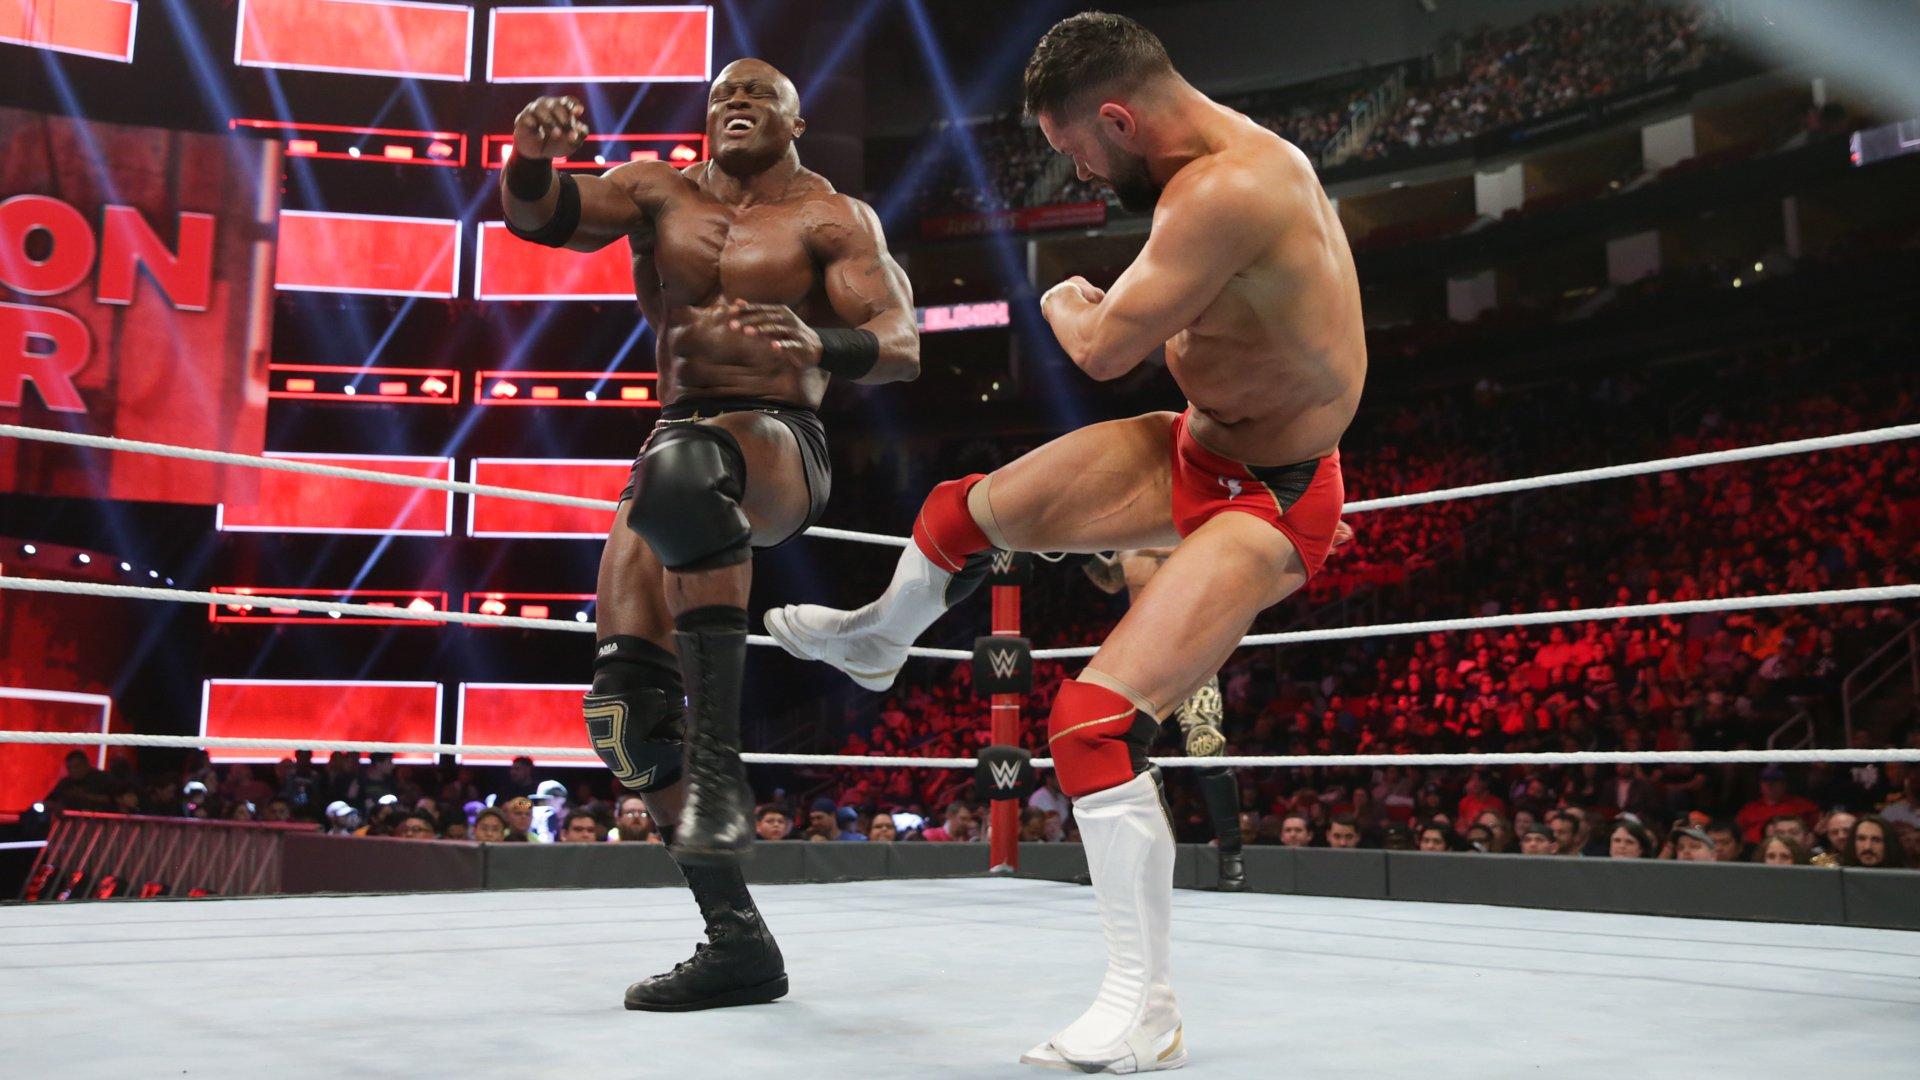 Bobby Lashley & Lio Rush vs. Finn Bálor - Match pour le Championnat: photos